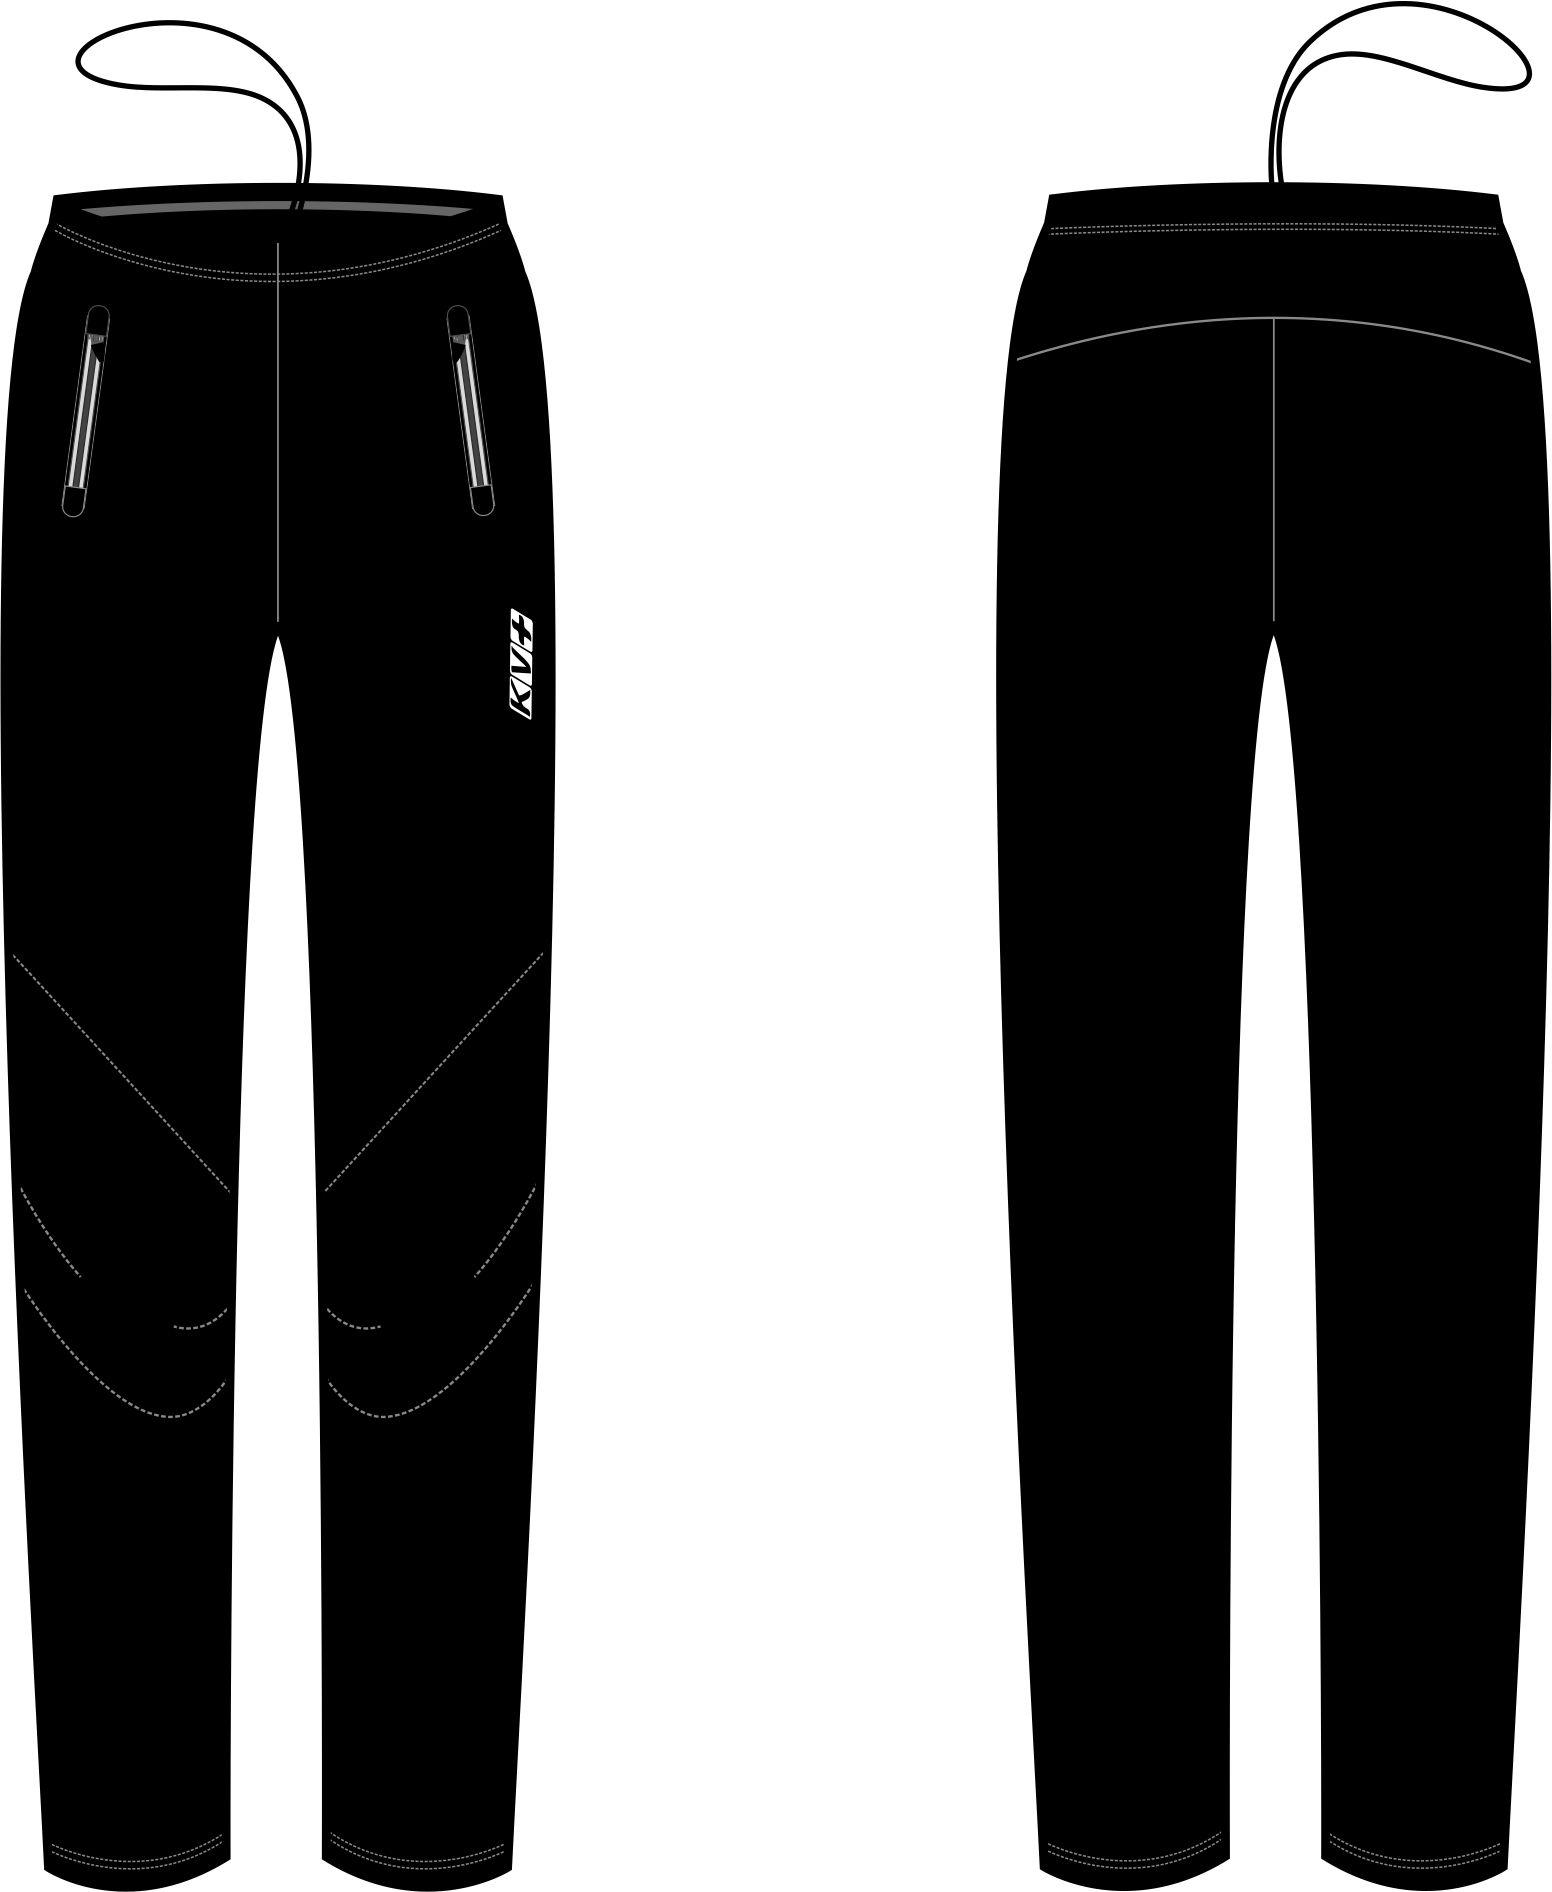 LAHTI PANTS unisex (black)